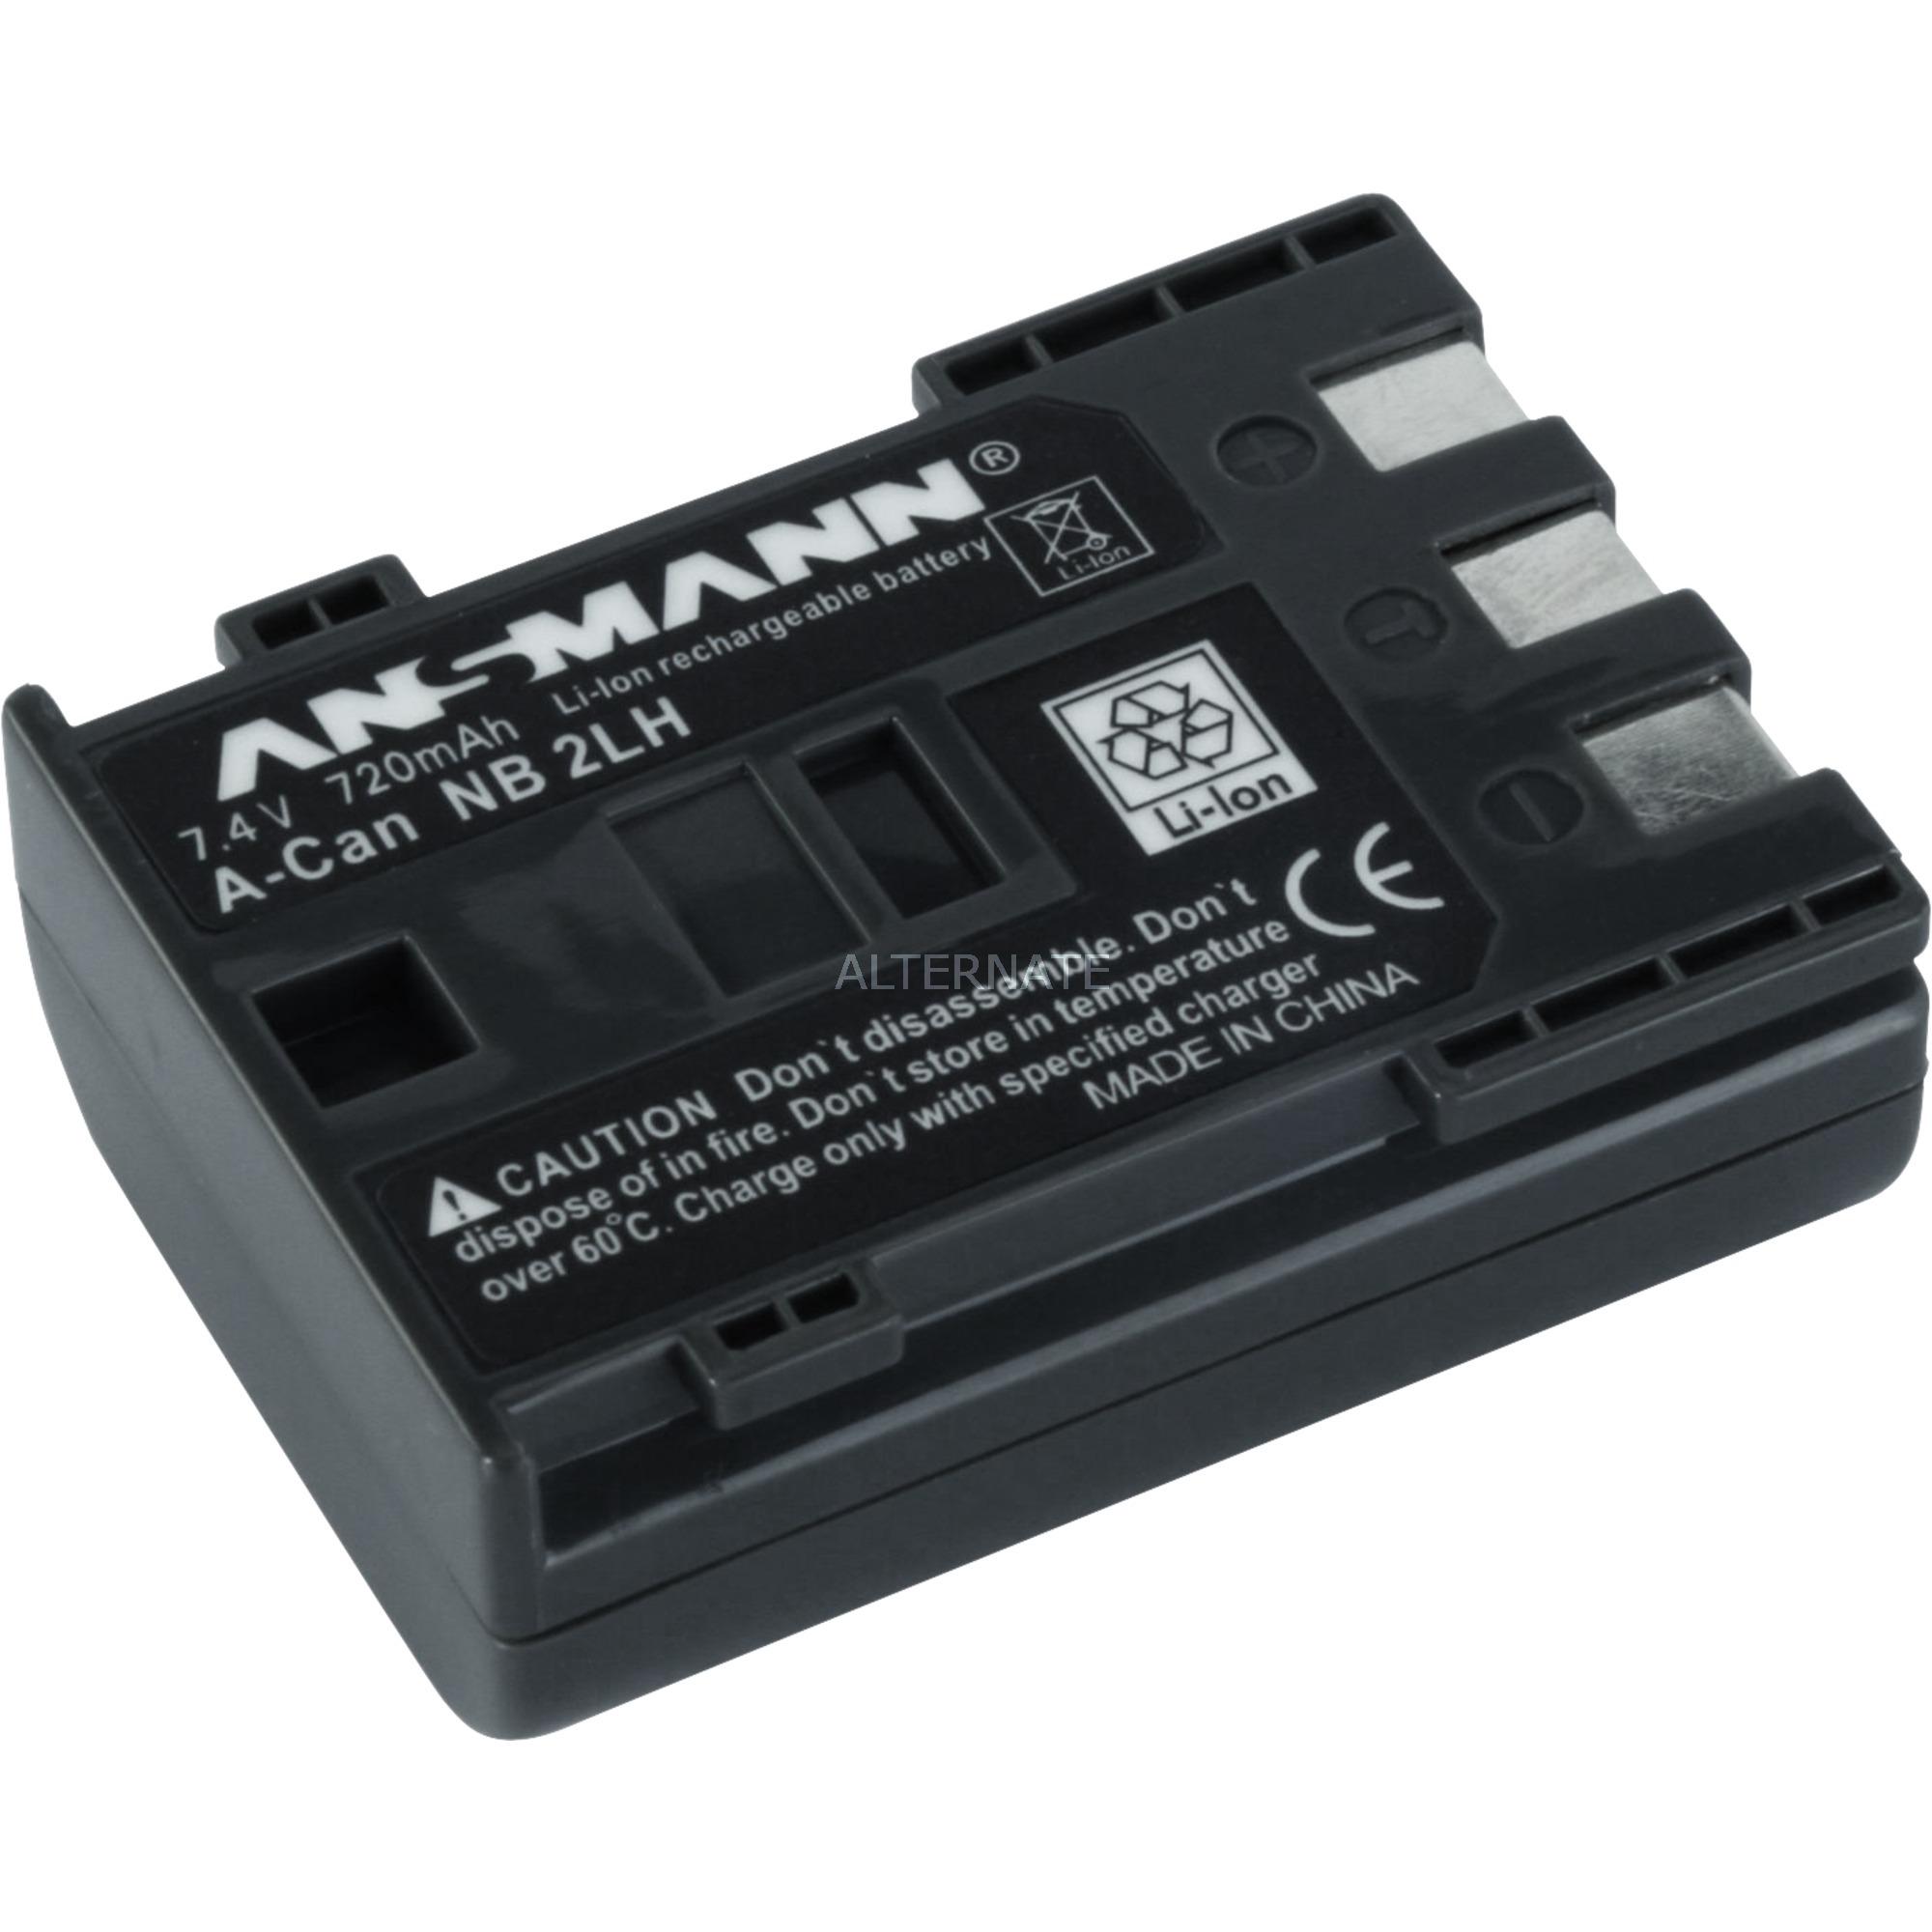 A-Can NB 2 LH, Batterie appareil photo